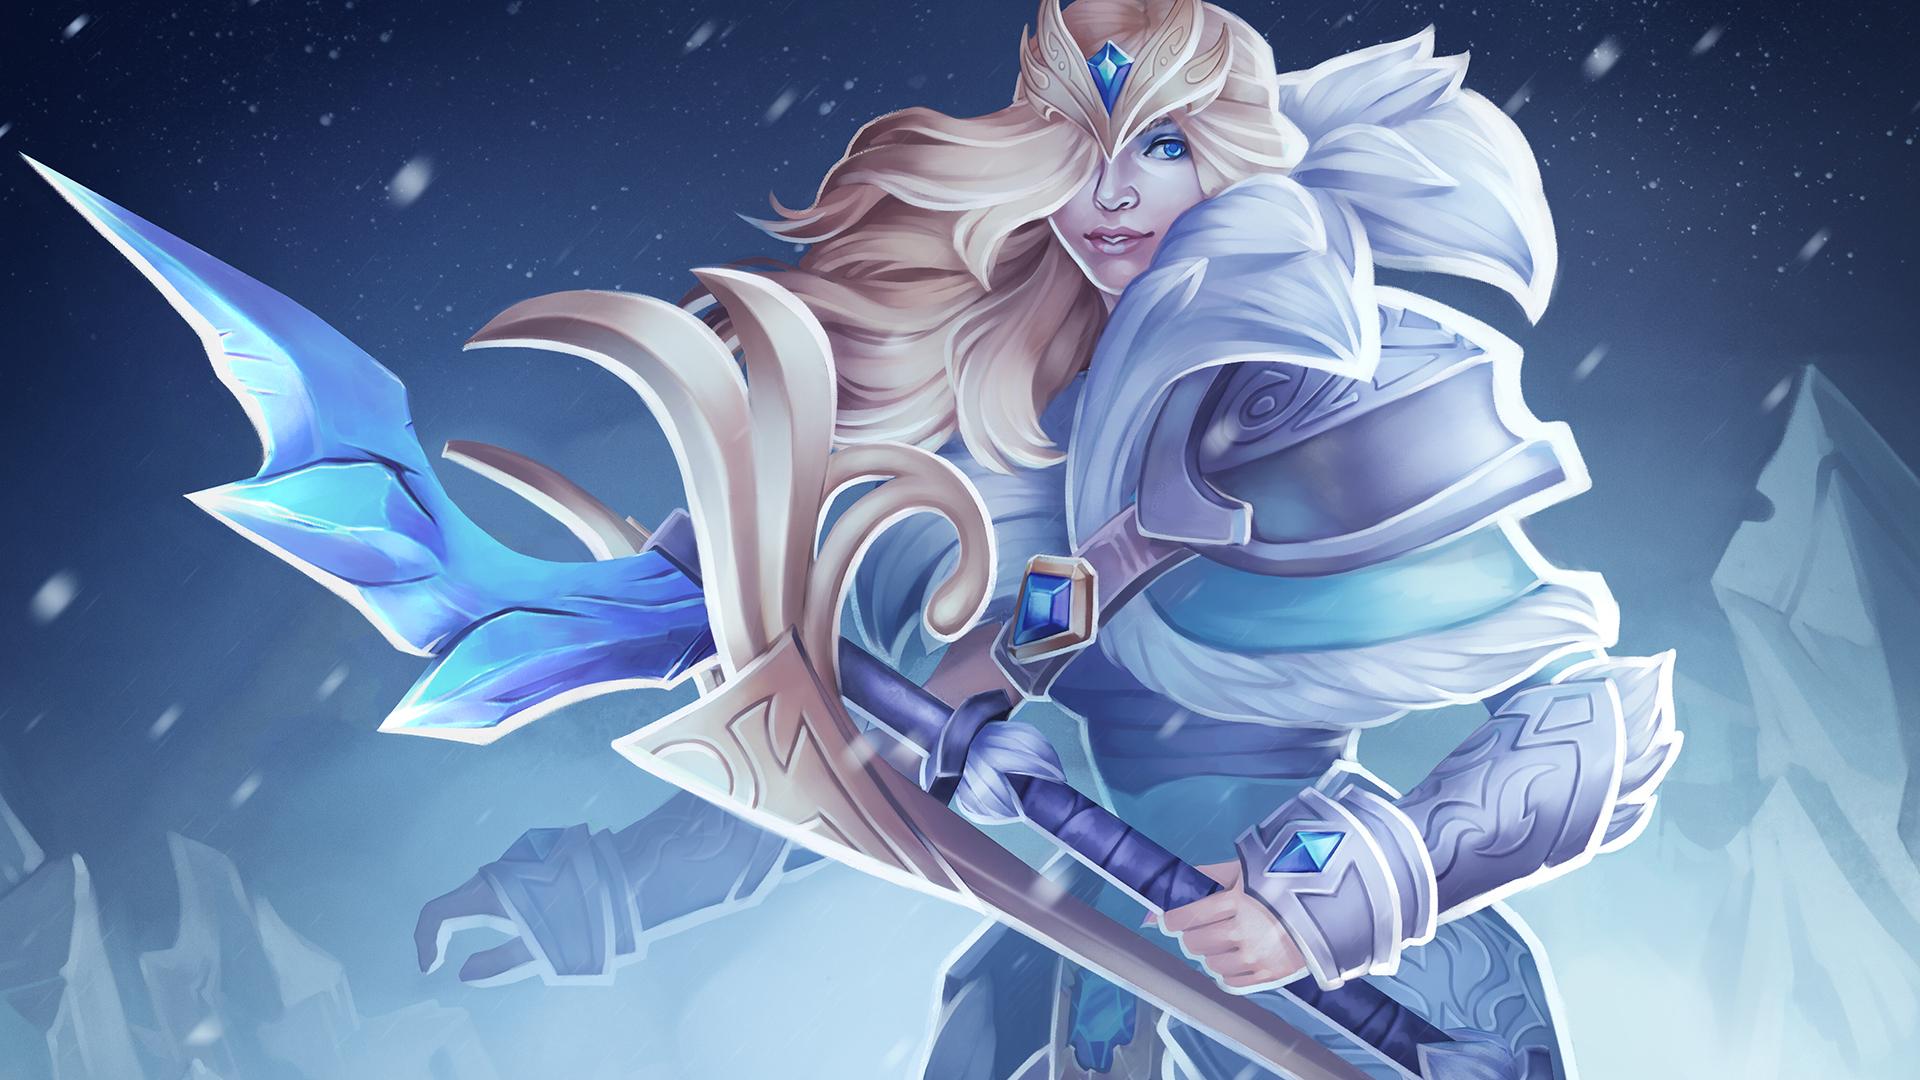 Crystal Maiden Dota 2 Immortals: Steam Workshop :: Warden Of Icewrack